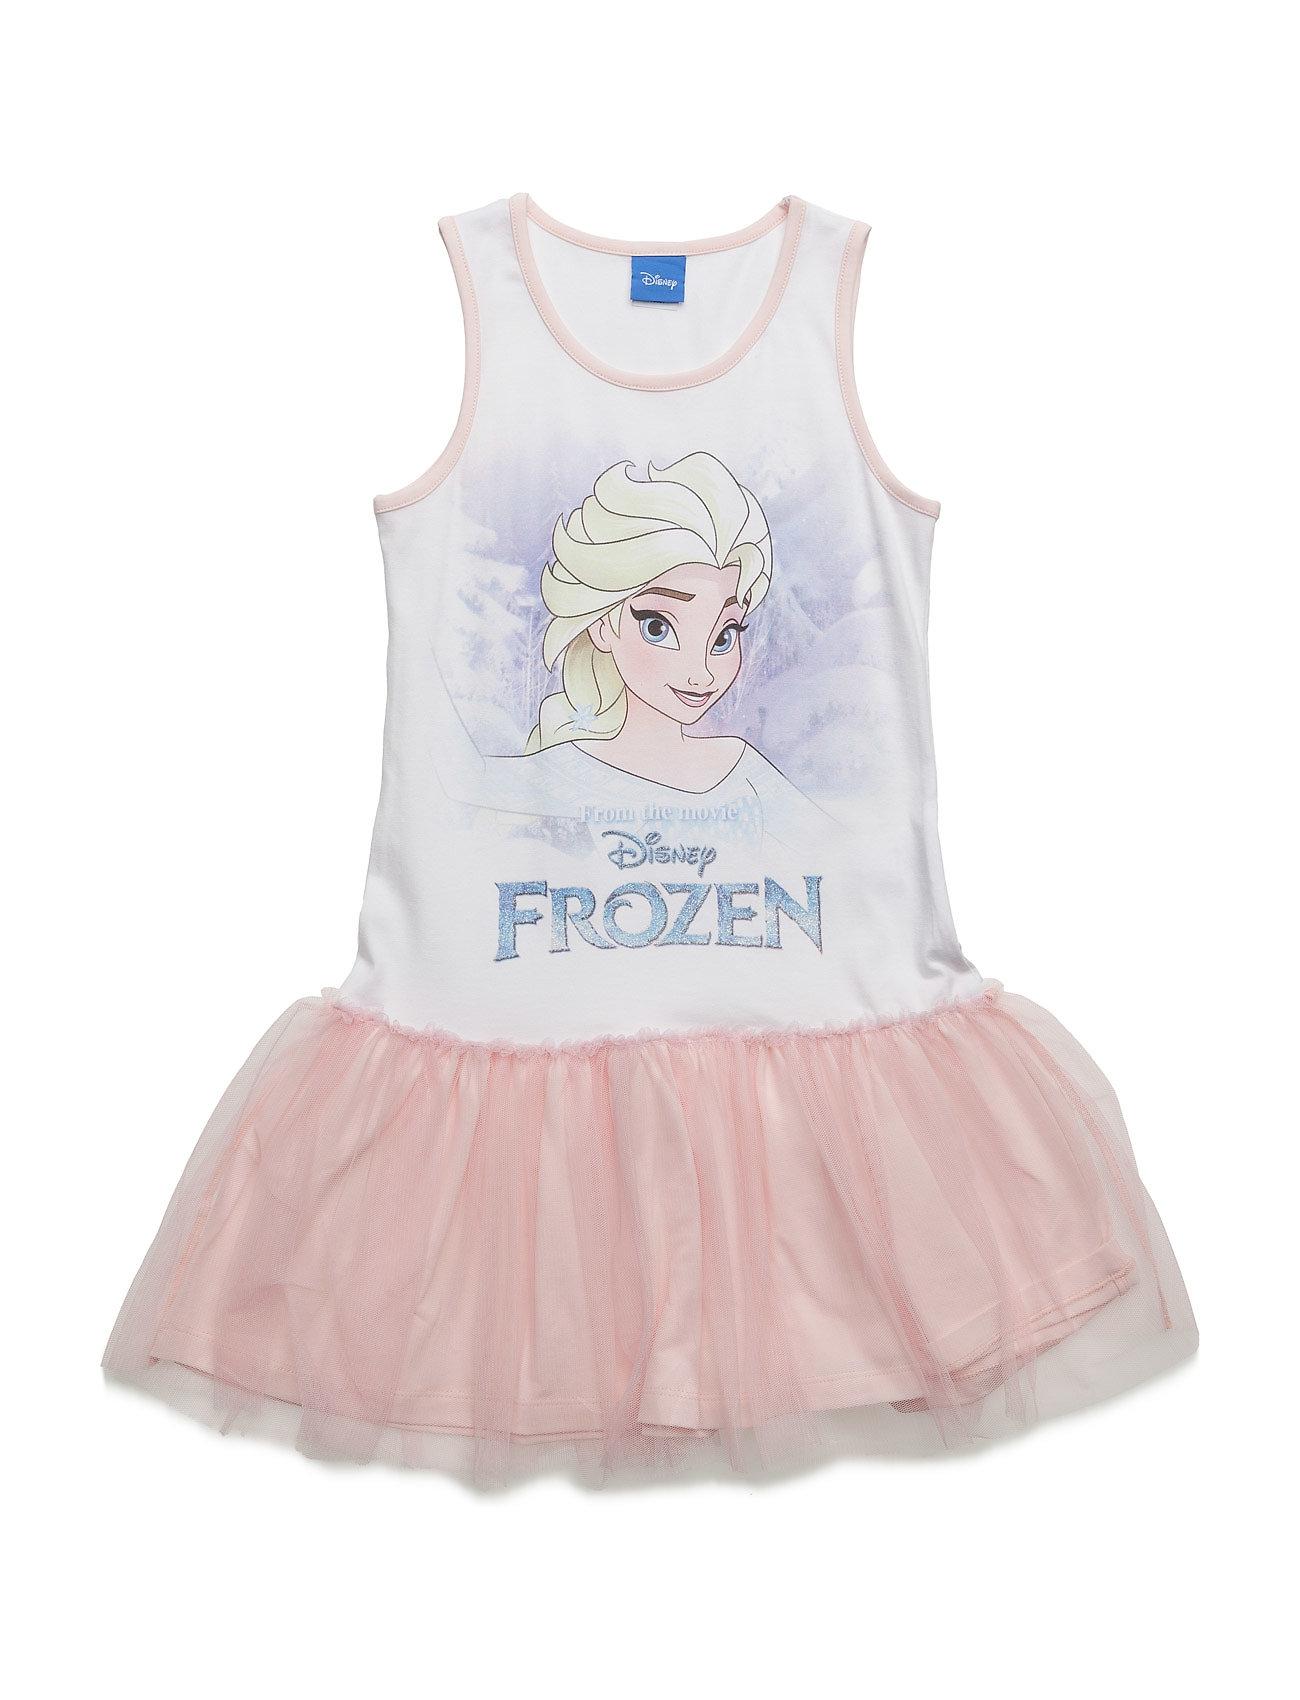 Dress Disney Kjoler til Børn i Lyserød